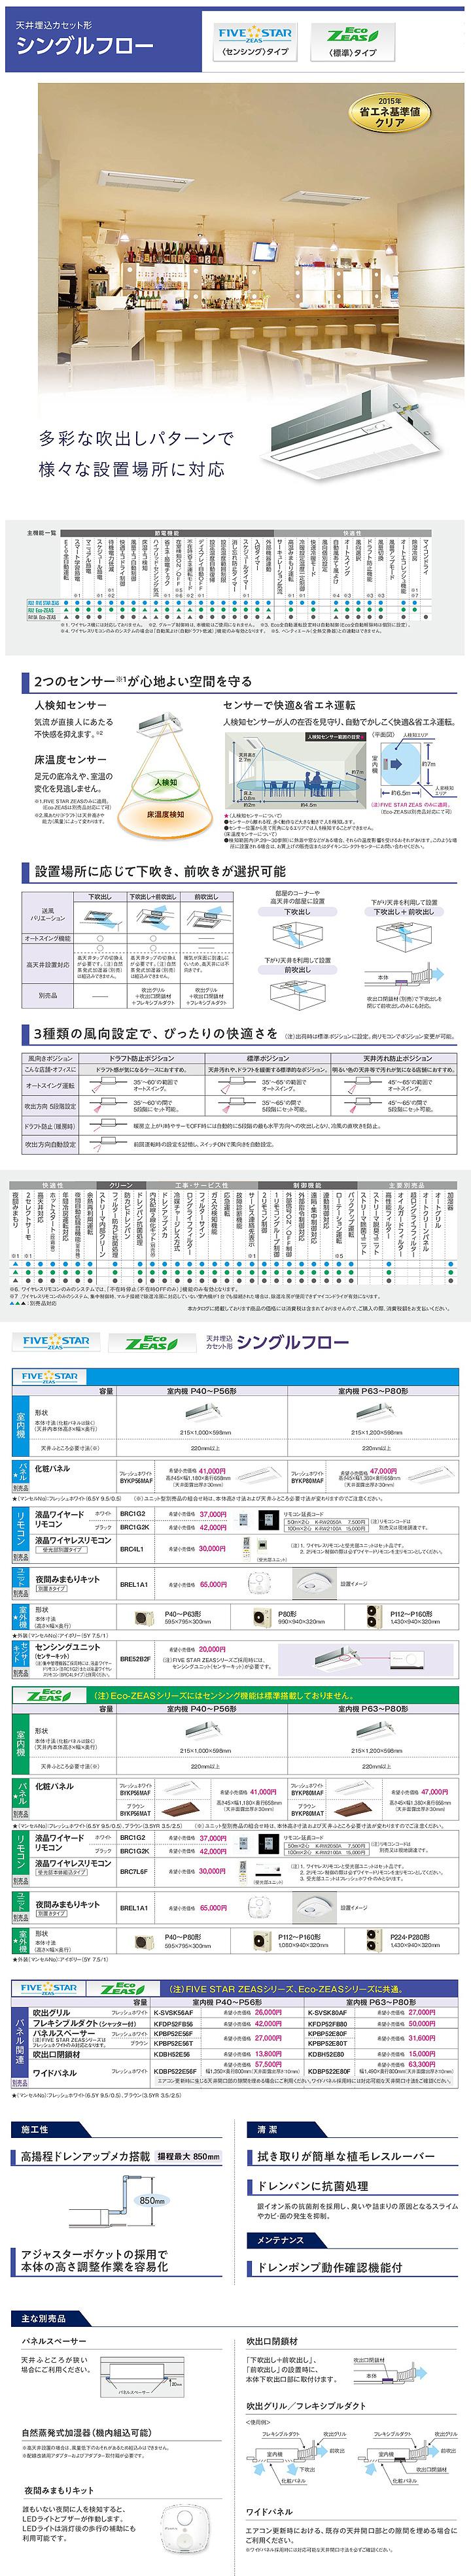 ダイキン SSRK112BCND 業務用エアコン